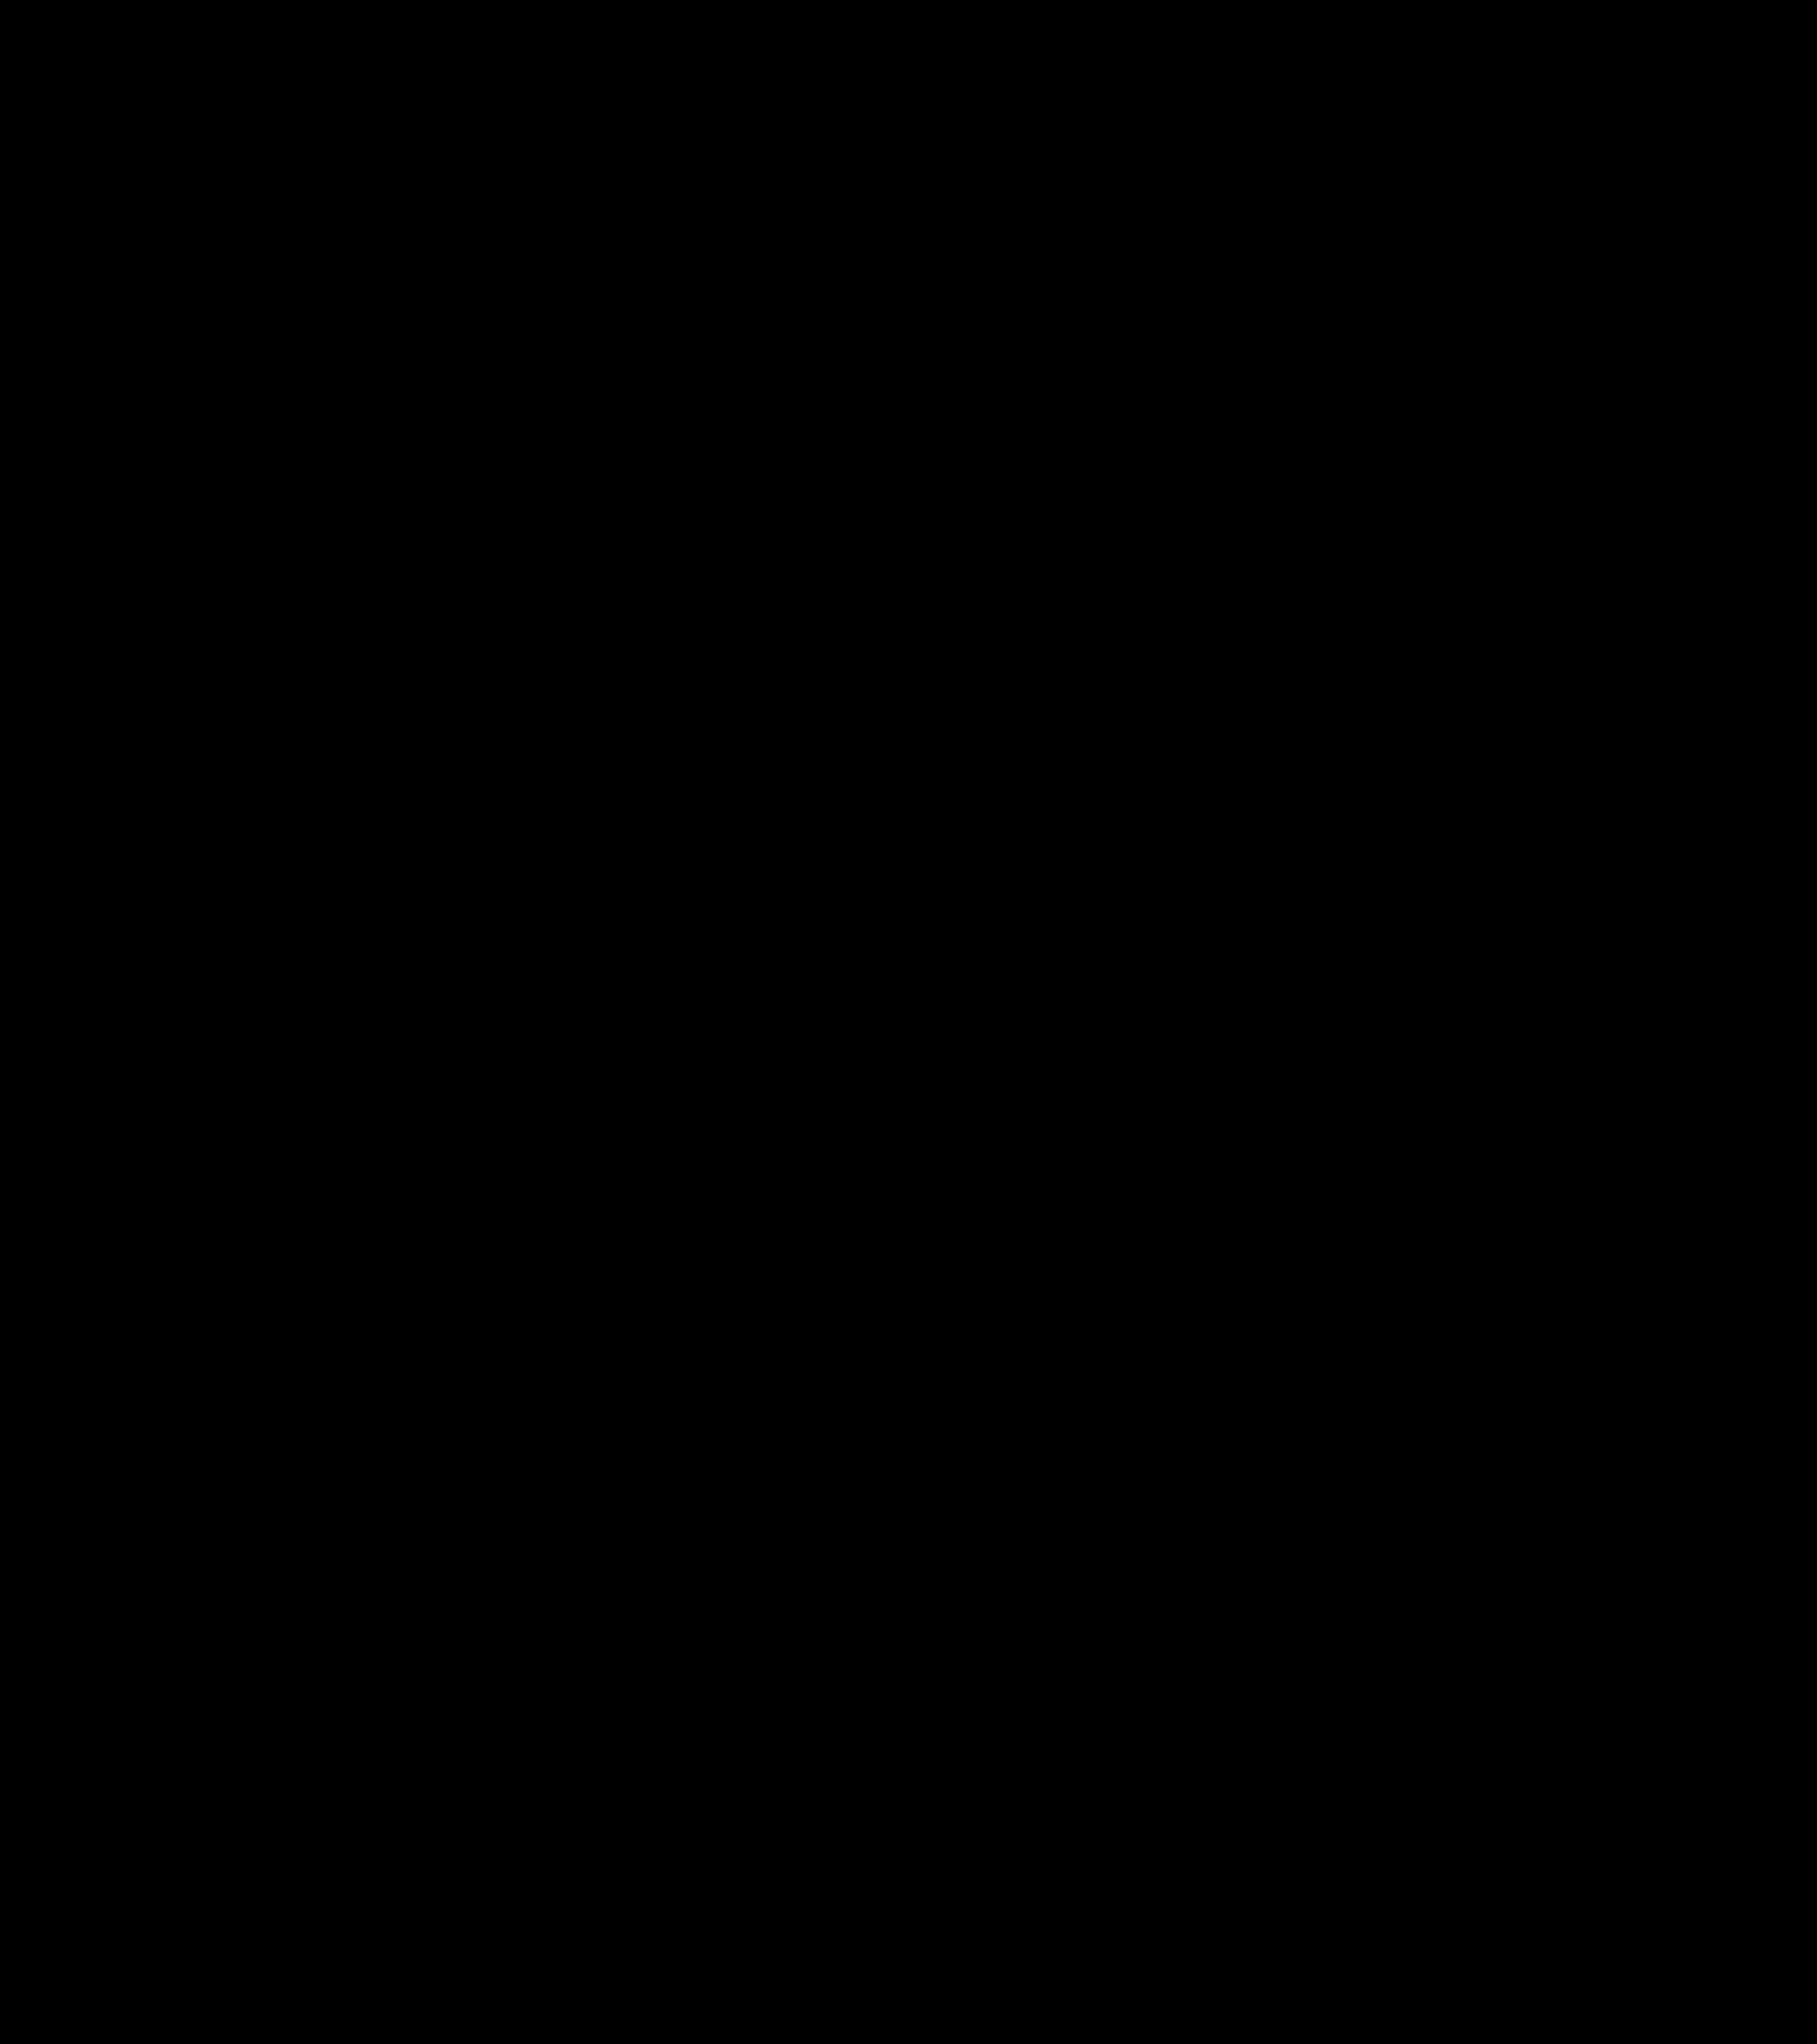 Разработка логотипа для компании Агротехника фото f_9265c02e18235d7d.jpg